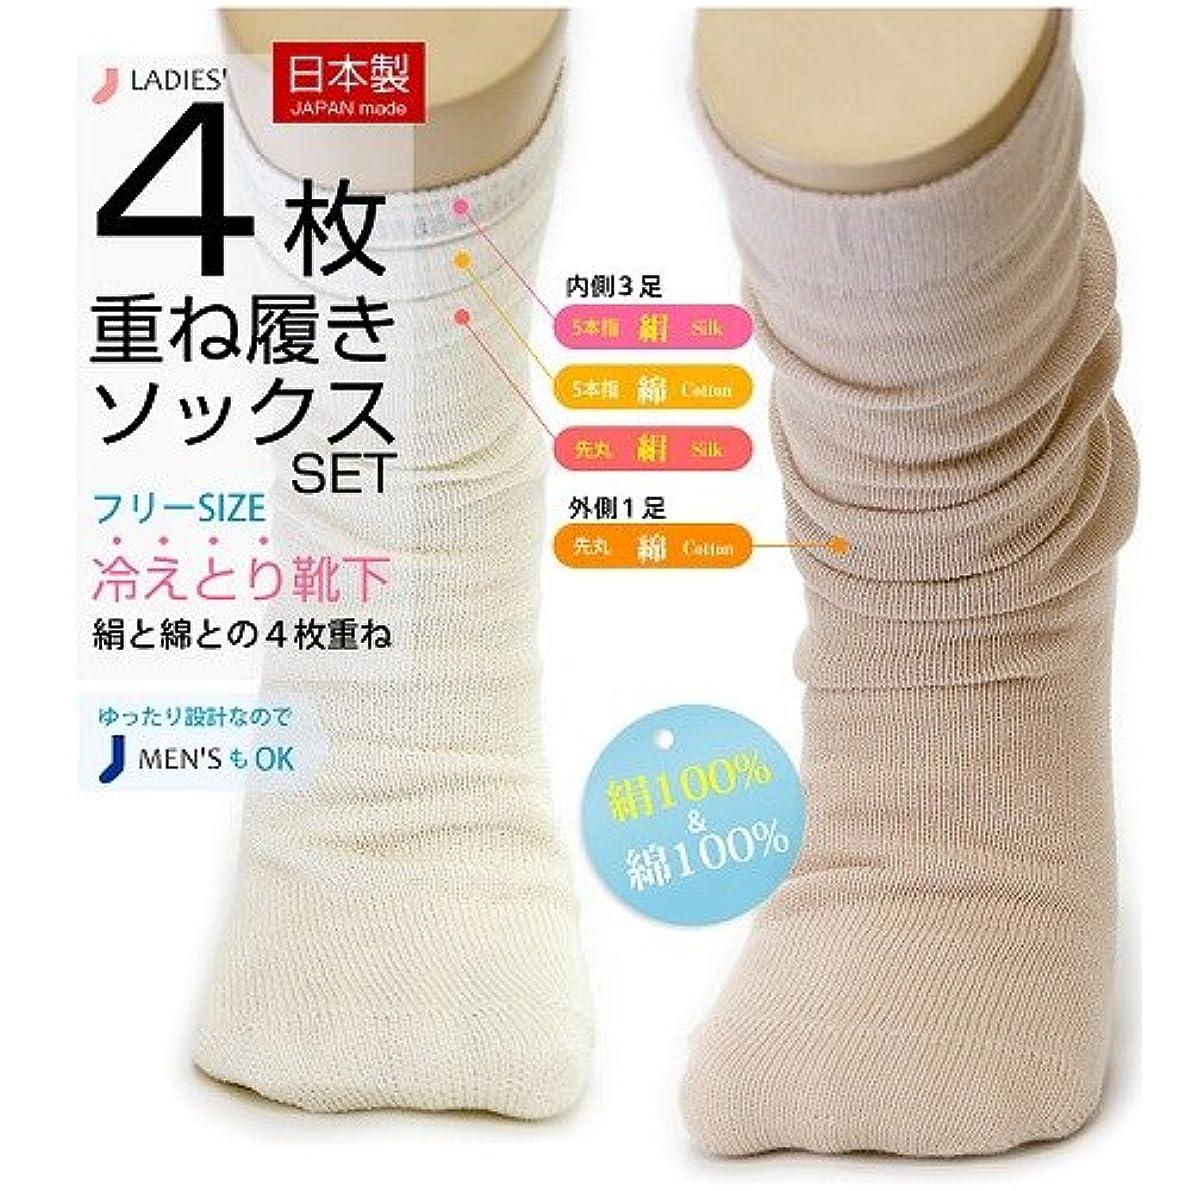 ドループアウトドア飾り羽冷え取り靴下 綿100%とシルク100% 最高級の日本製 4枚重ねばきセット(外側ライトグレー)